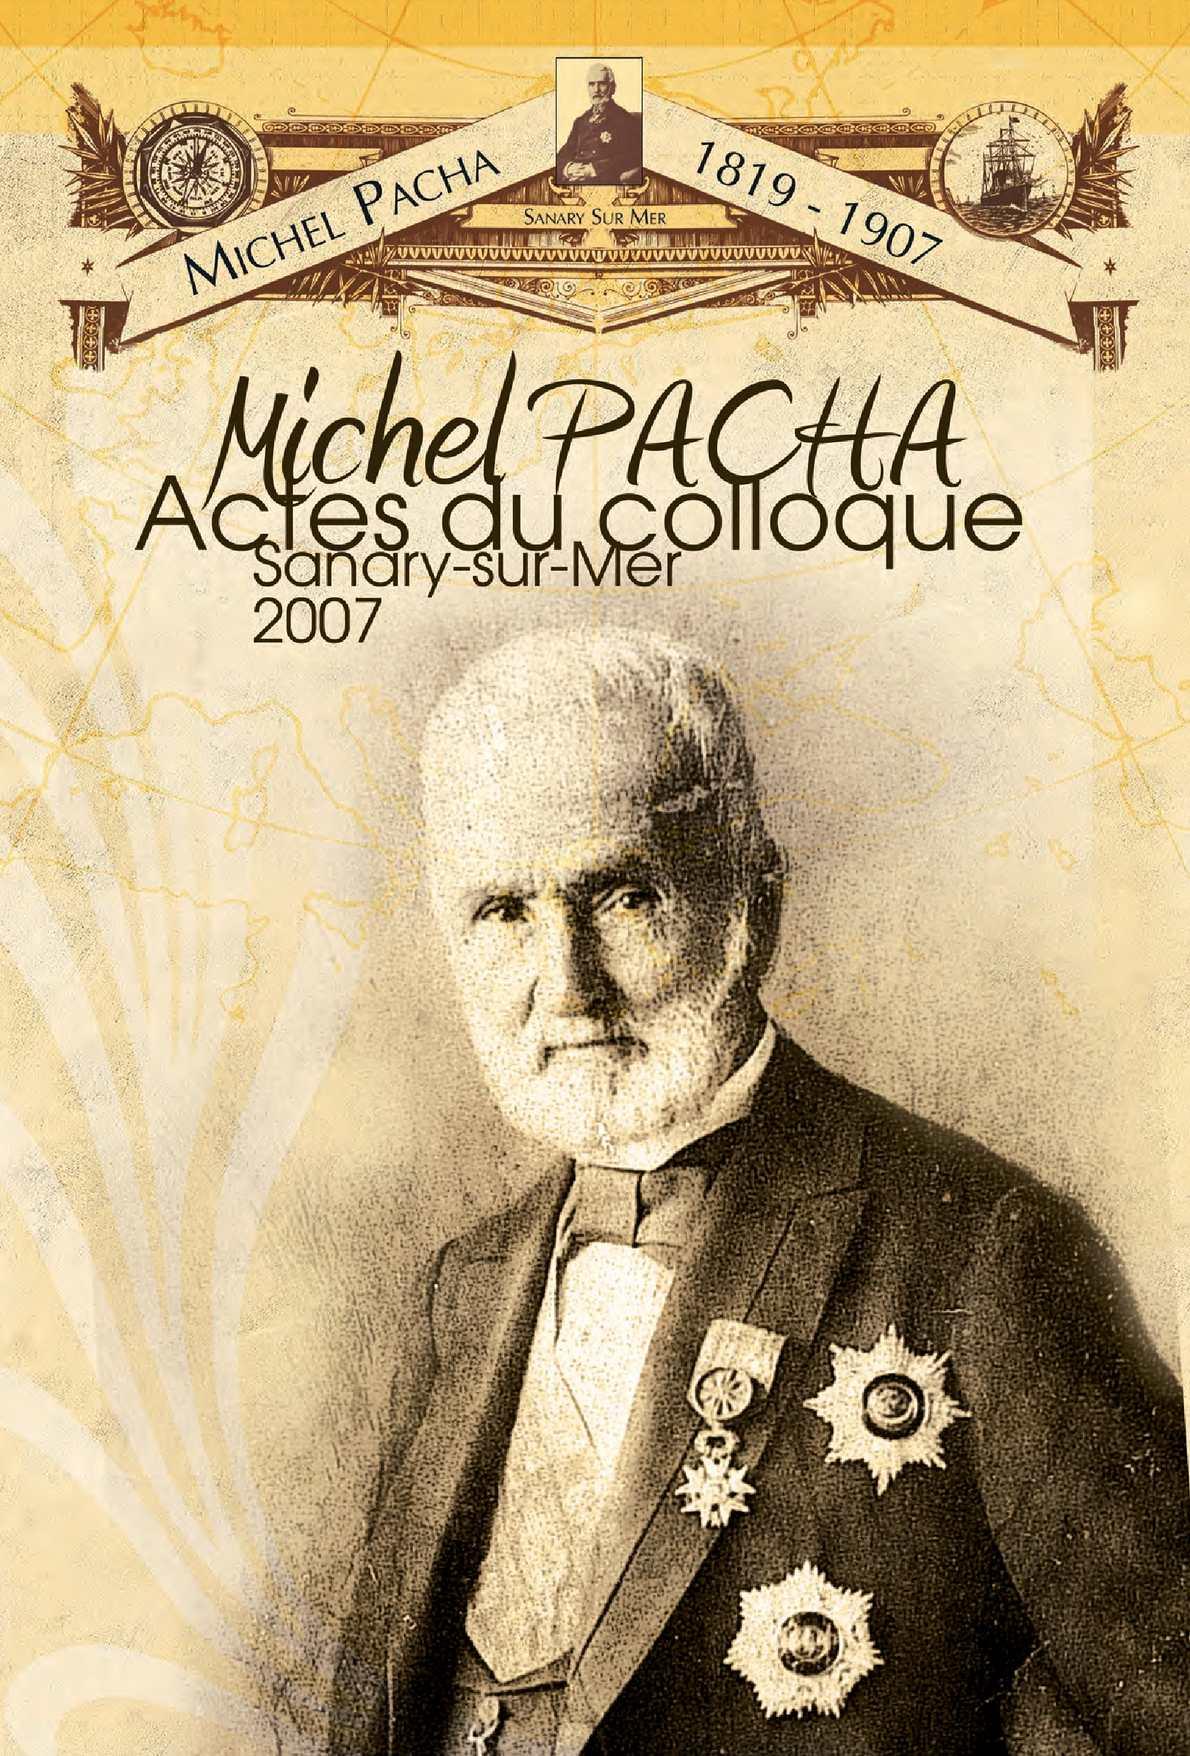 Actes du colloque Michel Pacha 2007